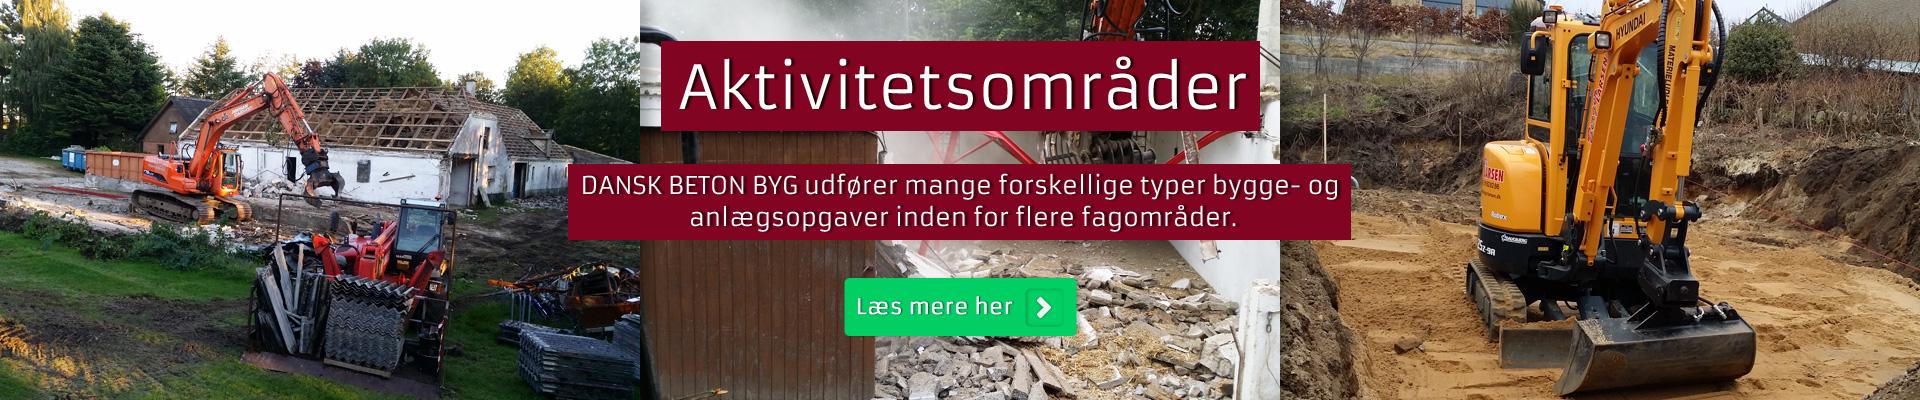 3-aktivitetsomraader-dansk-beton-byg